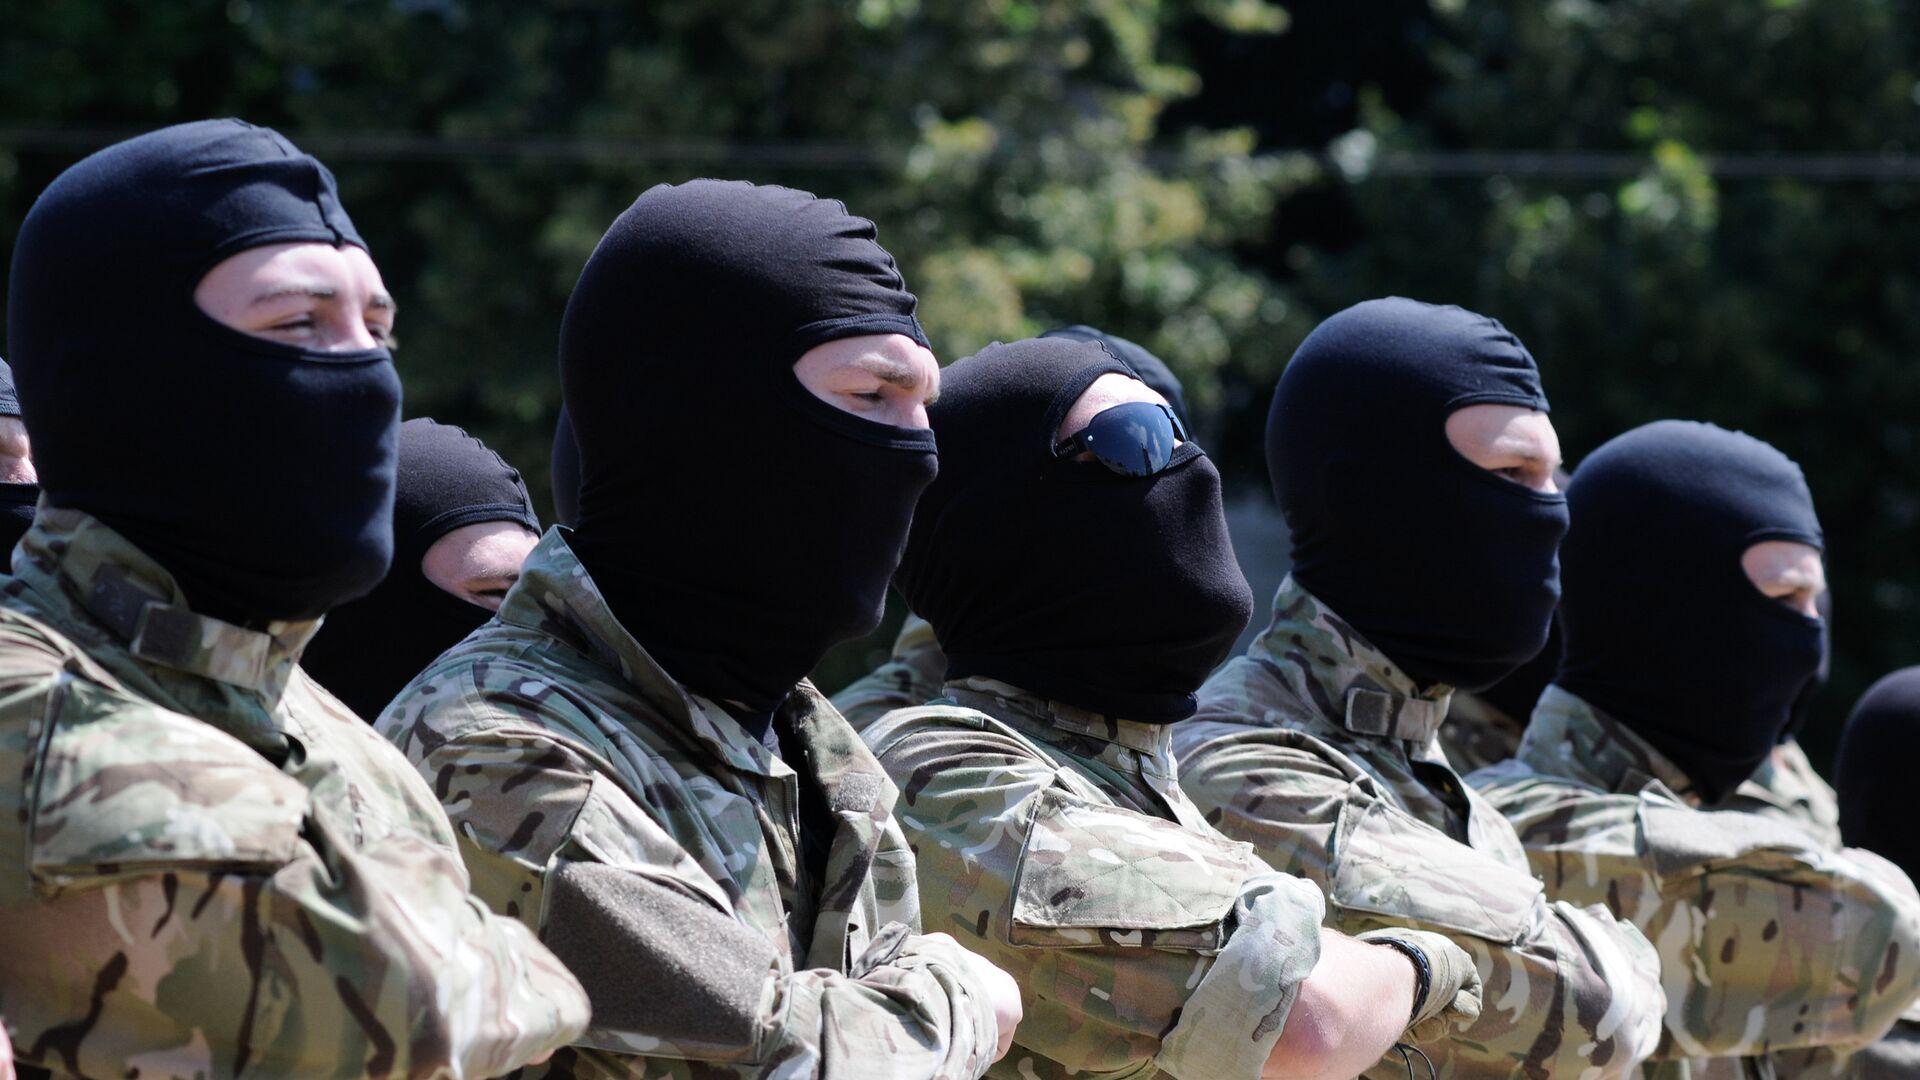 В Госдуме предположили причину увольнения командующего ВСУ Хомчака